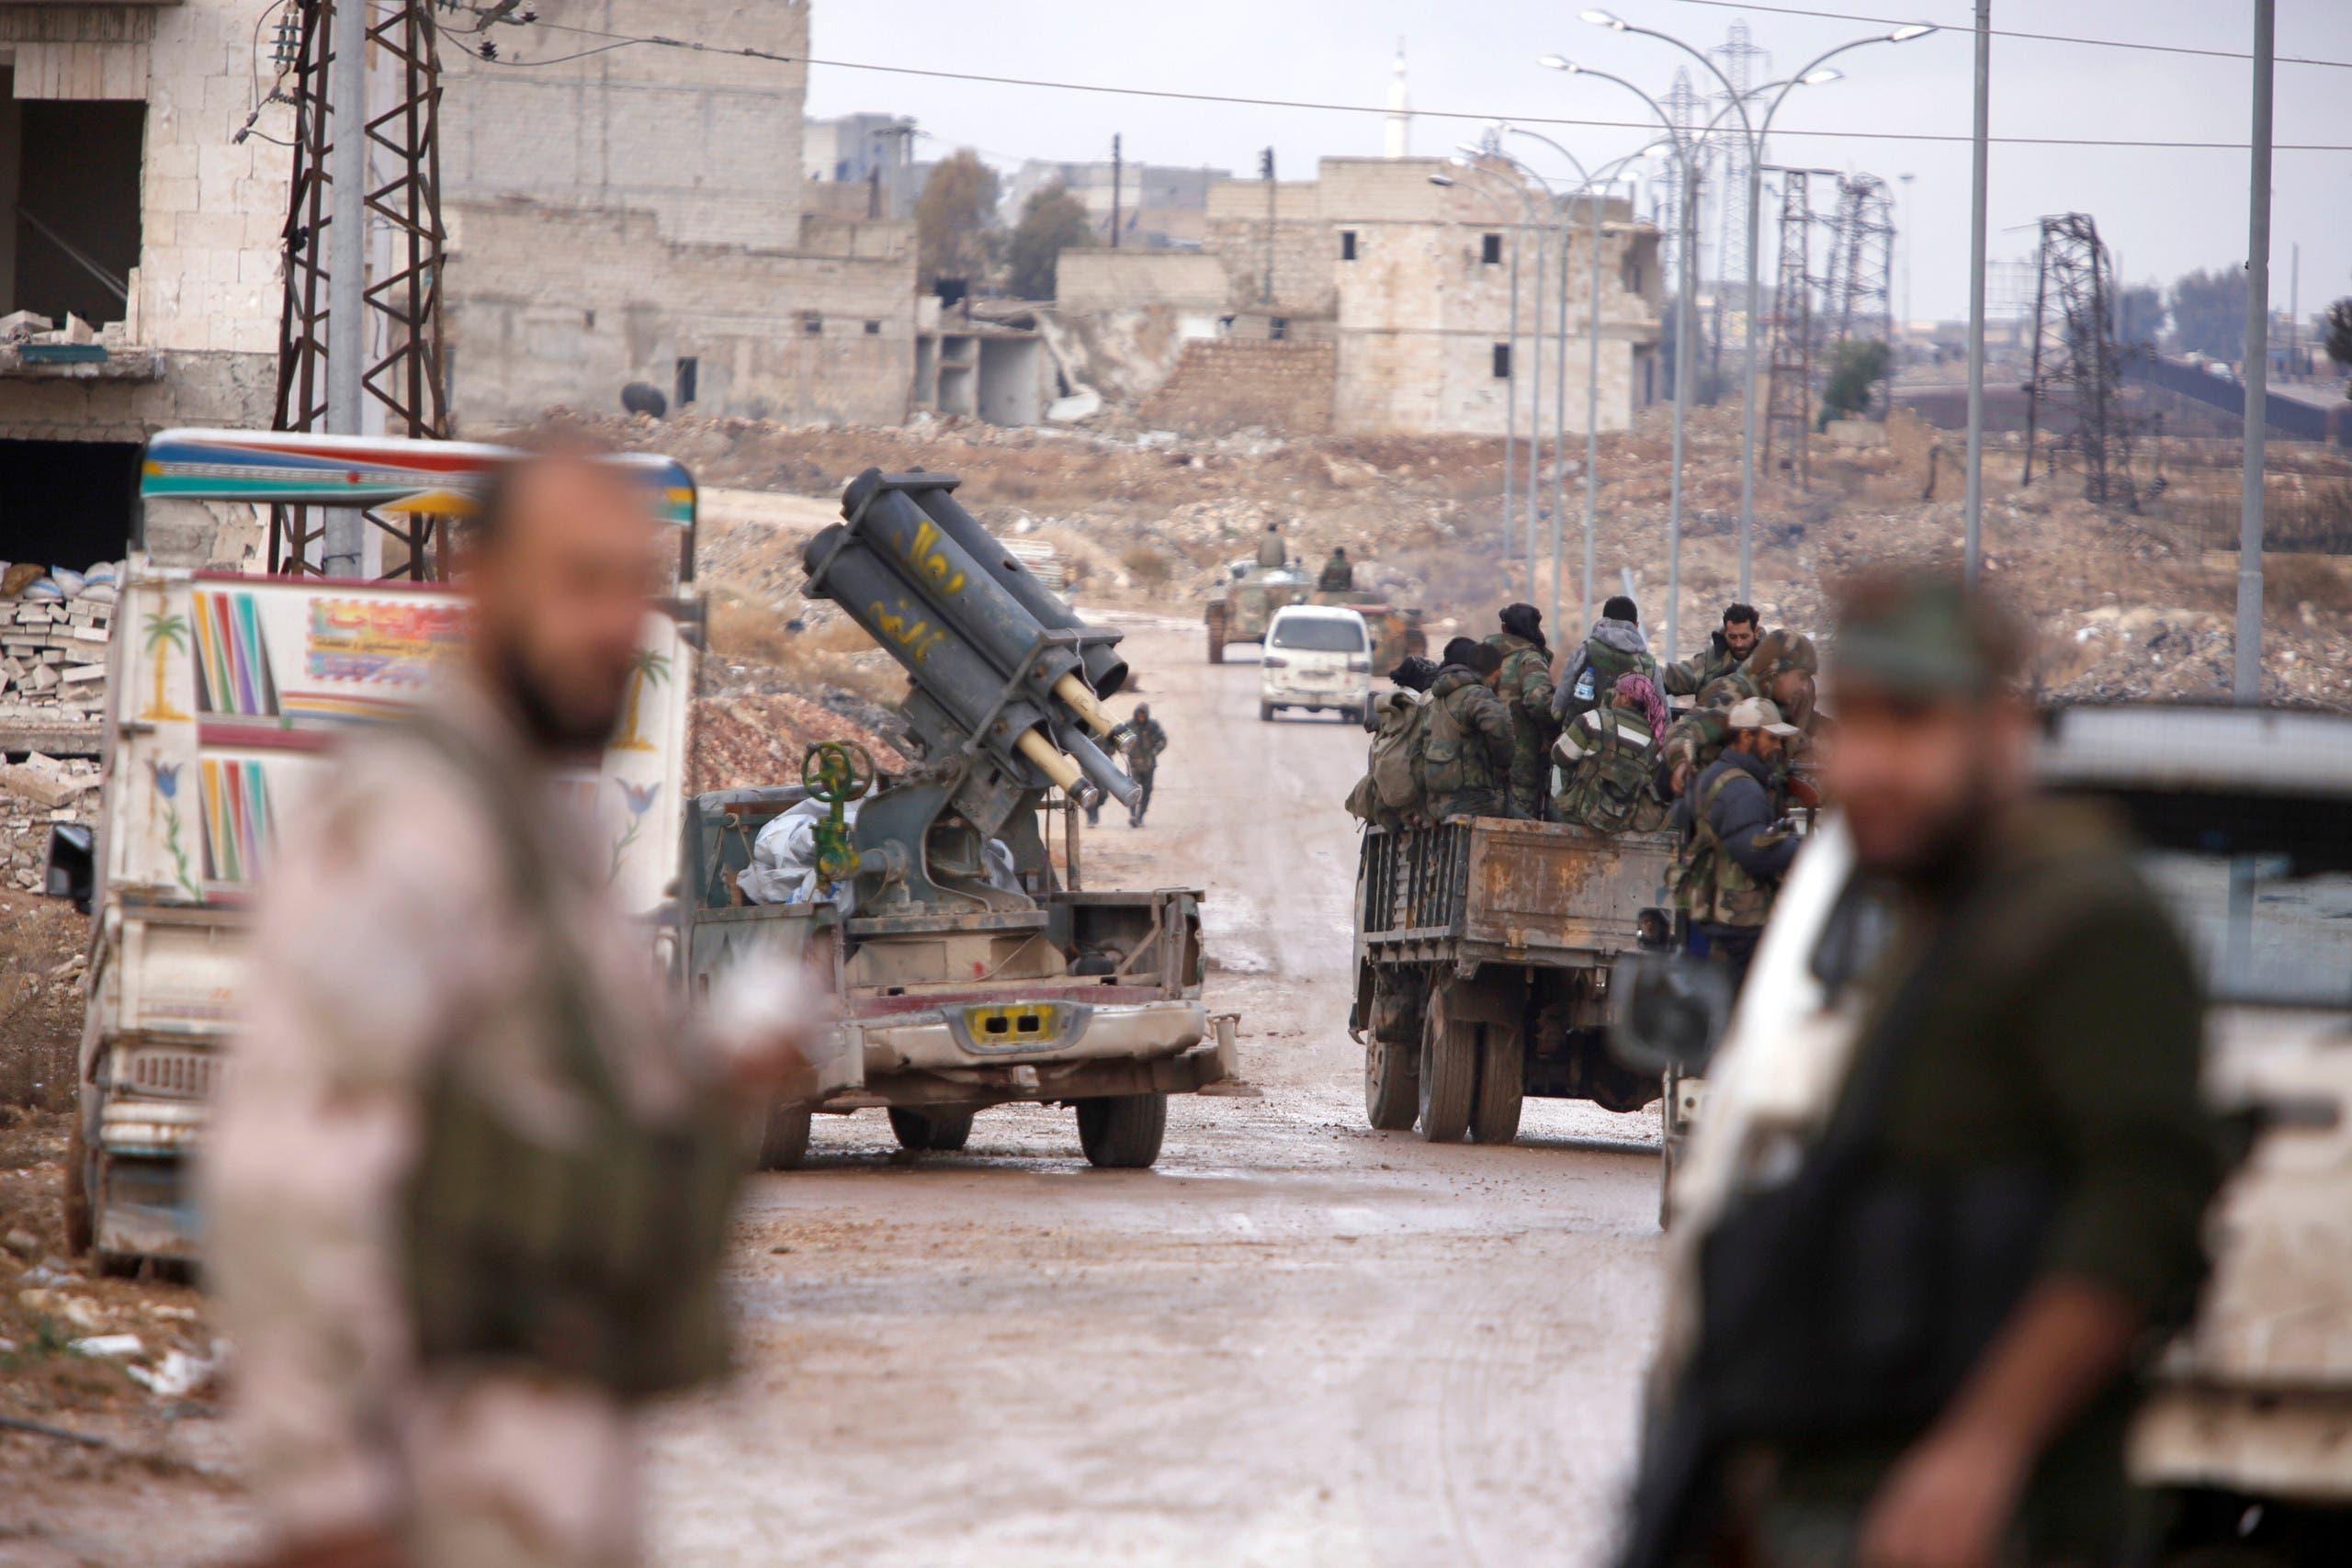 عناصر من جيش النظام السوري في مناطق سيطروا عليها مؤخراً في حلب